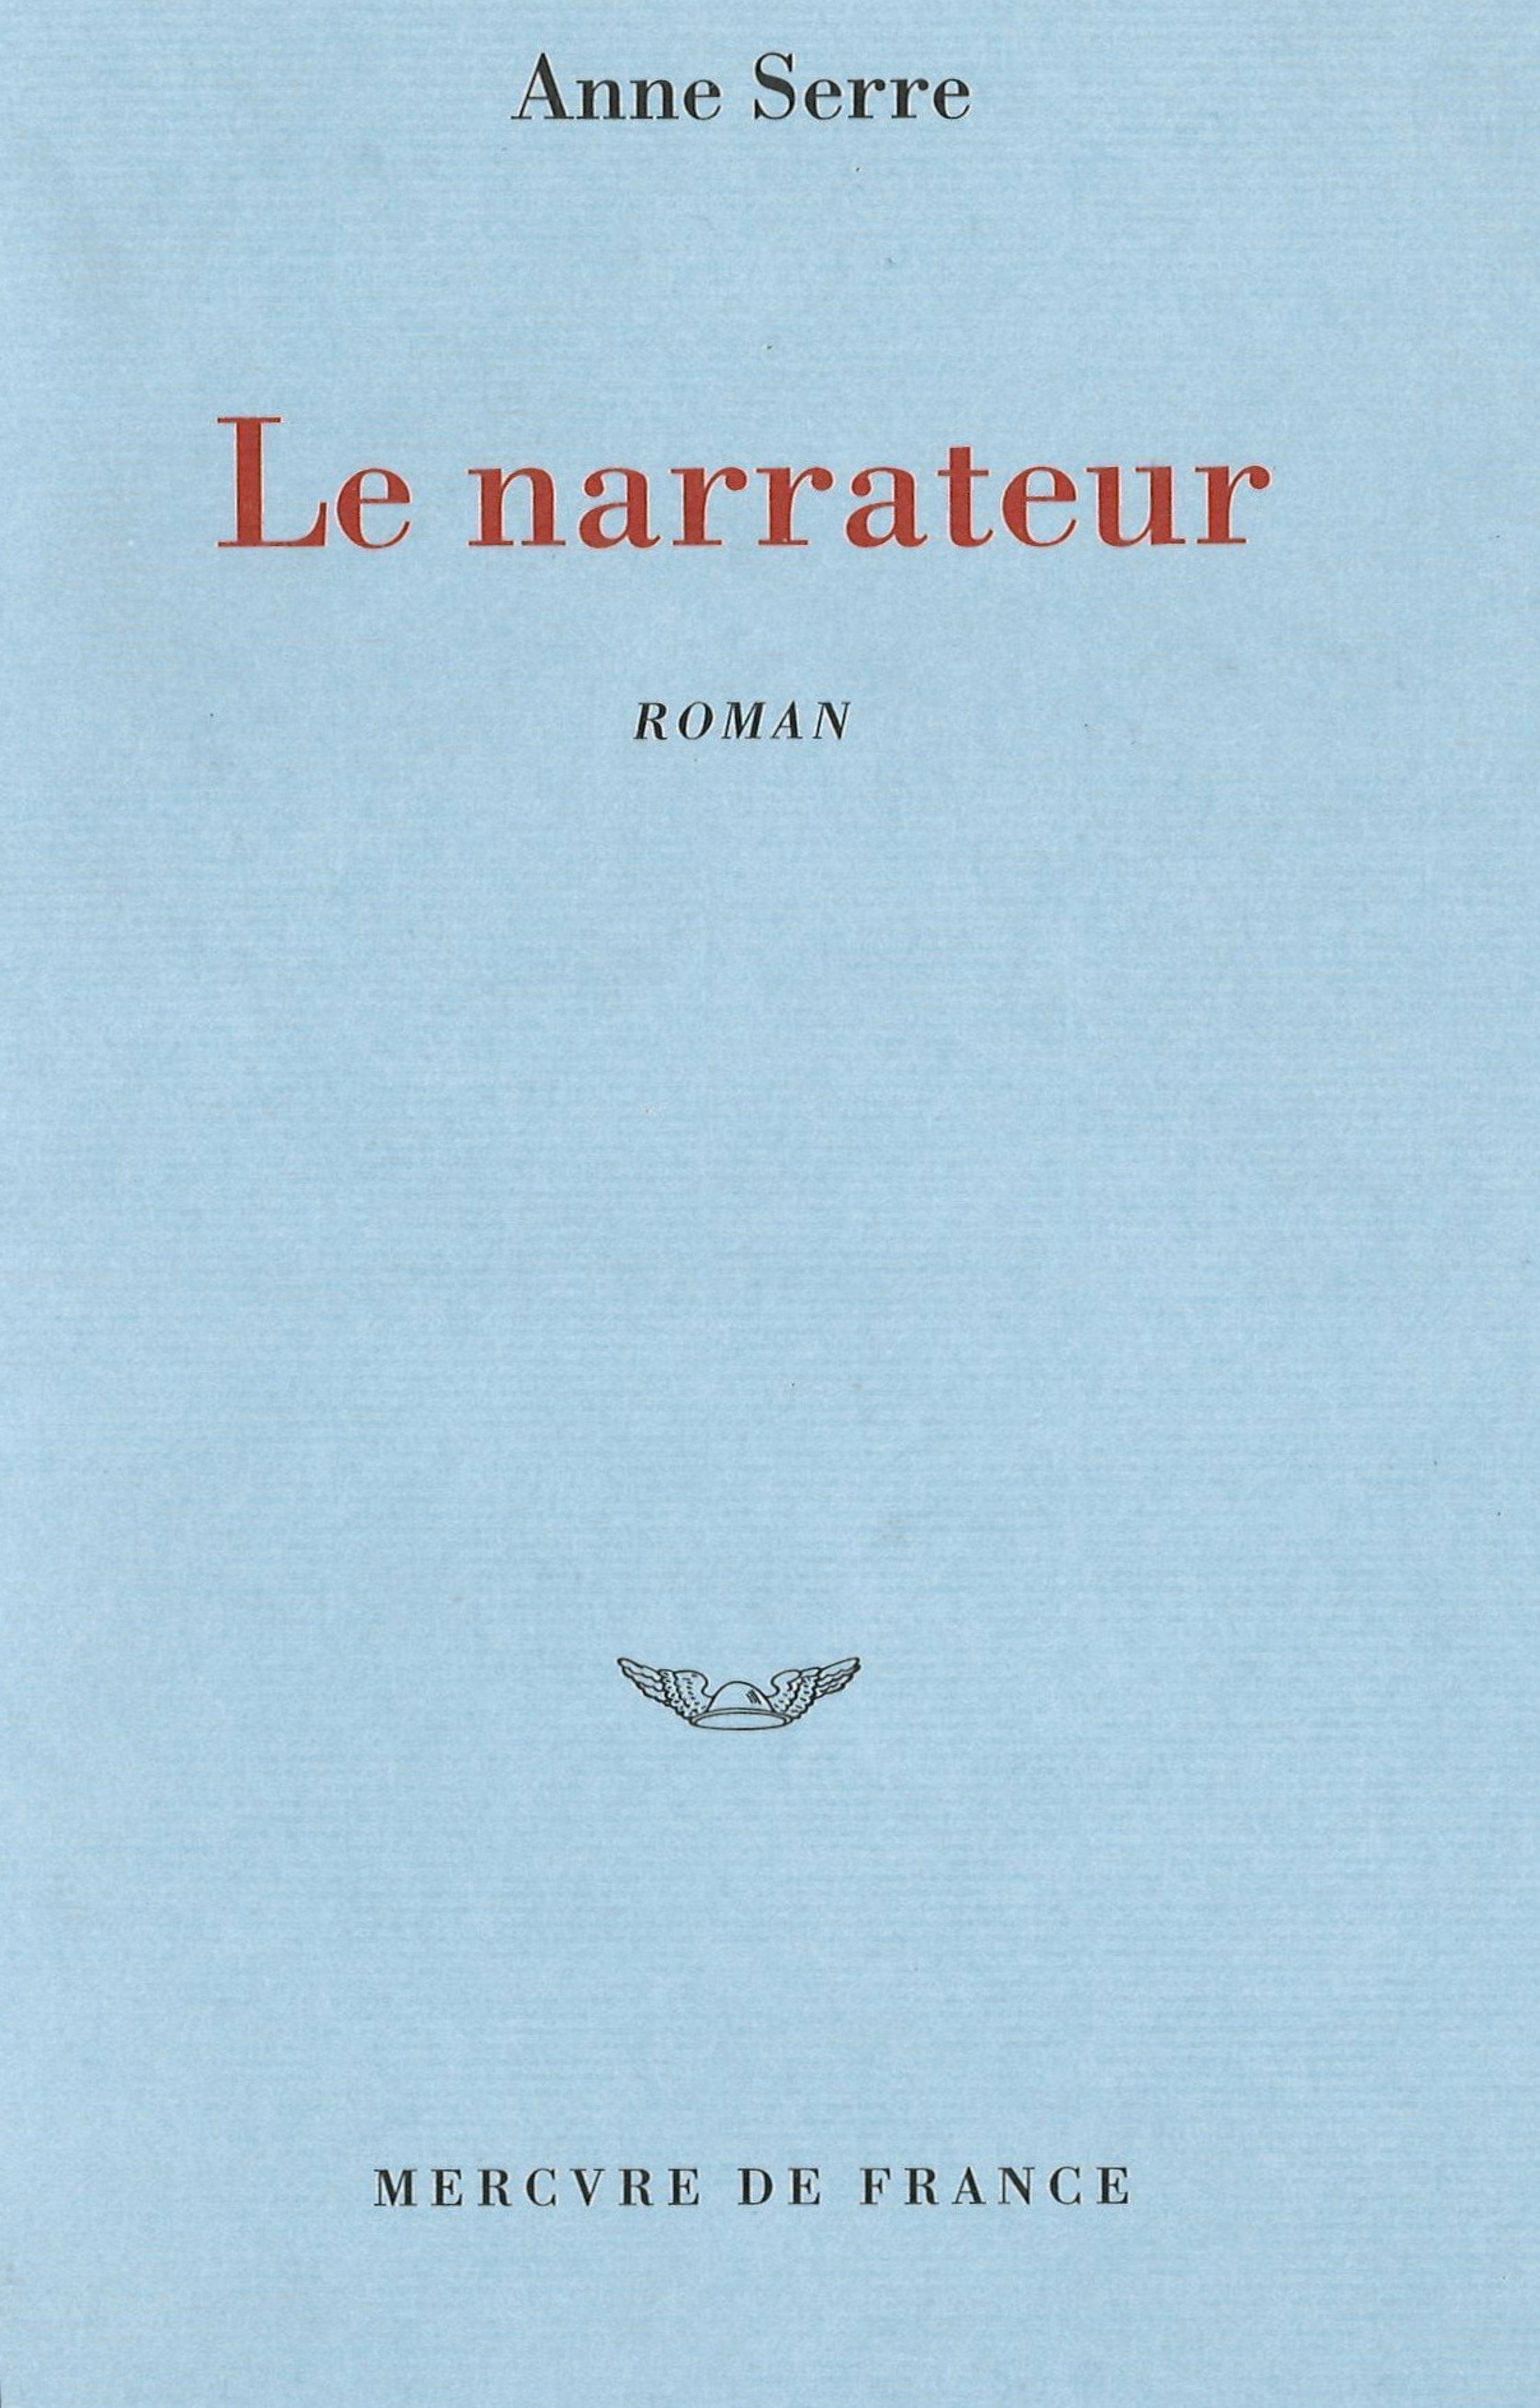 Le narrateur